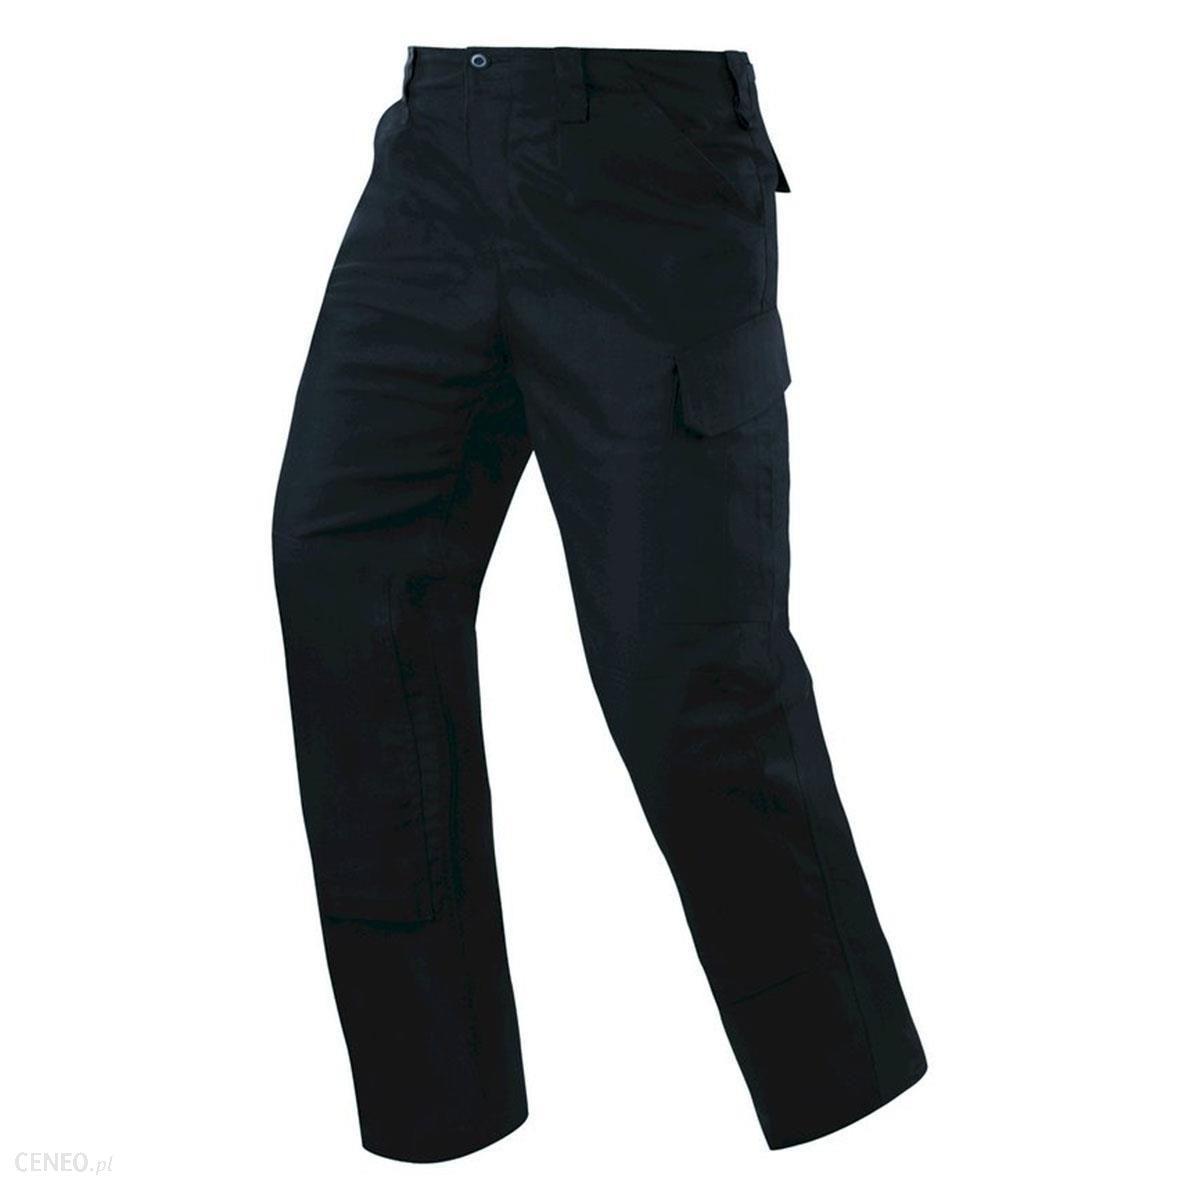 Texar Spodnie Wojskowe Wz10 Black (01-Wz10-Pa) Tx